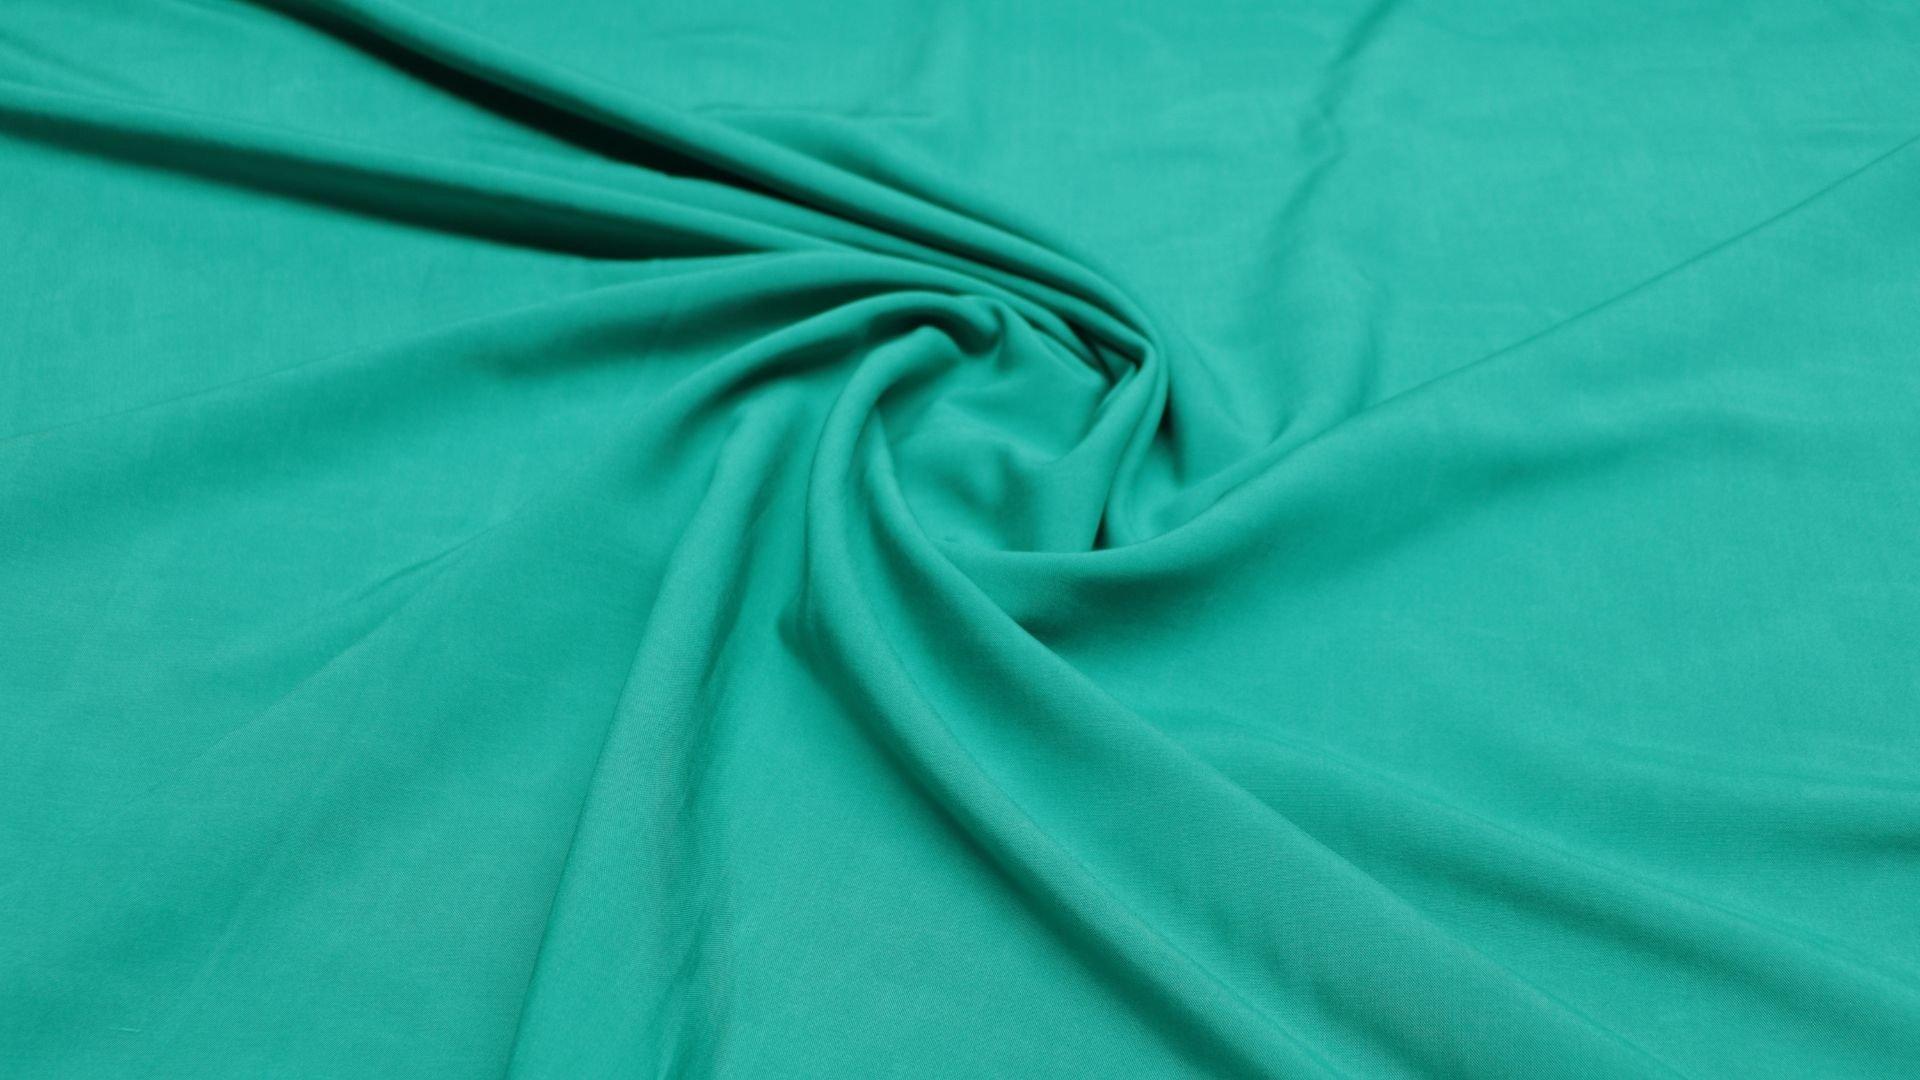 il particolare del tessuto mallorca, appartenente alla categoria uniti lino cotone, di Leadford & Logan